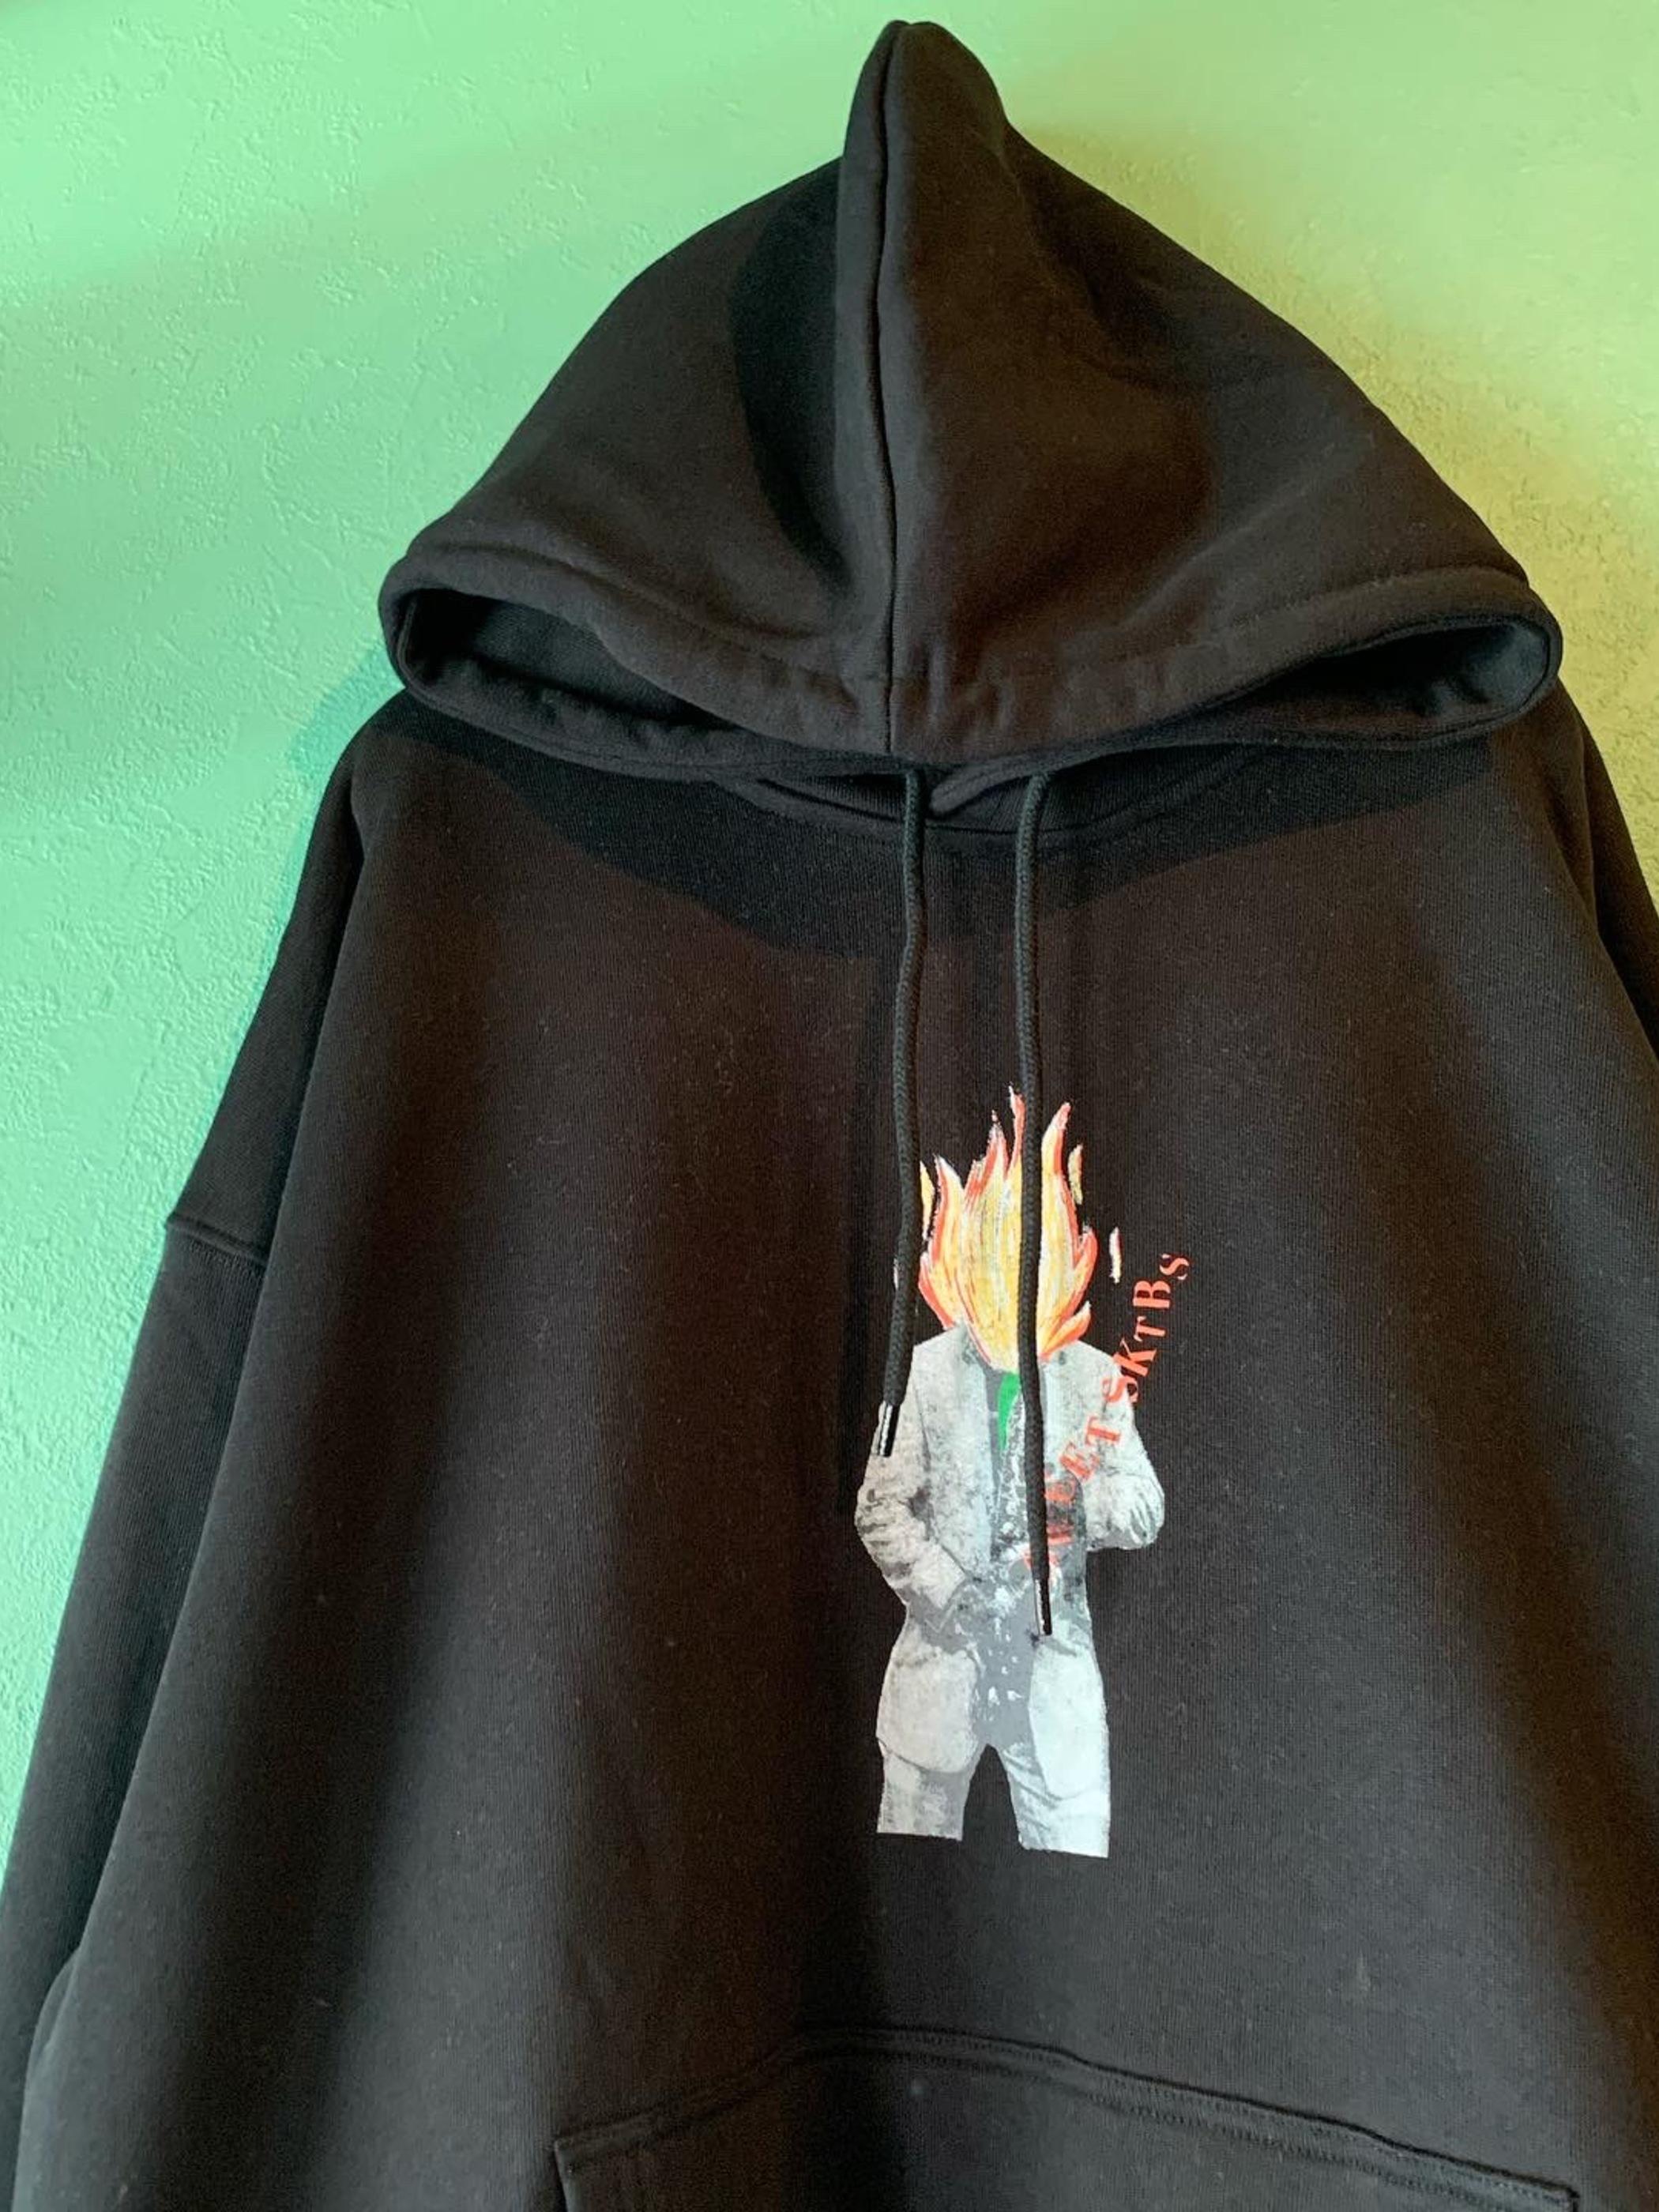 【NEW】SWEET SKTBS Big loose hood